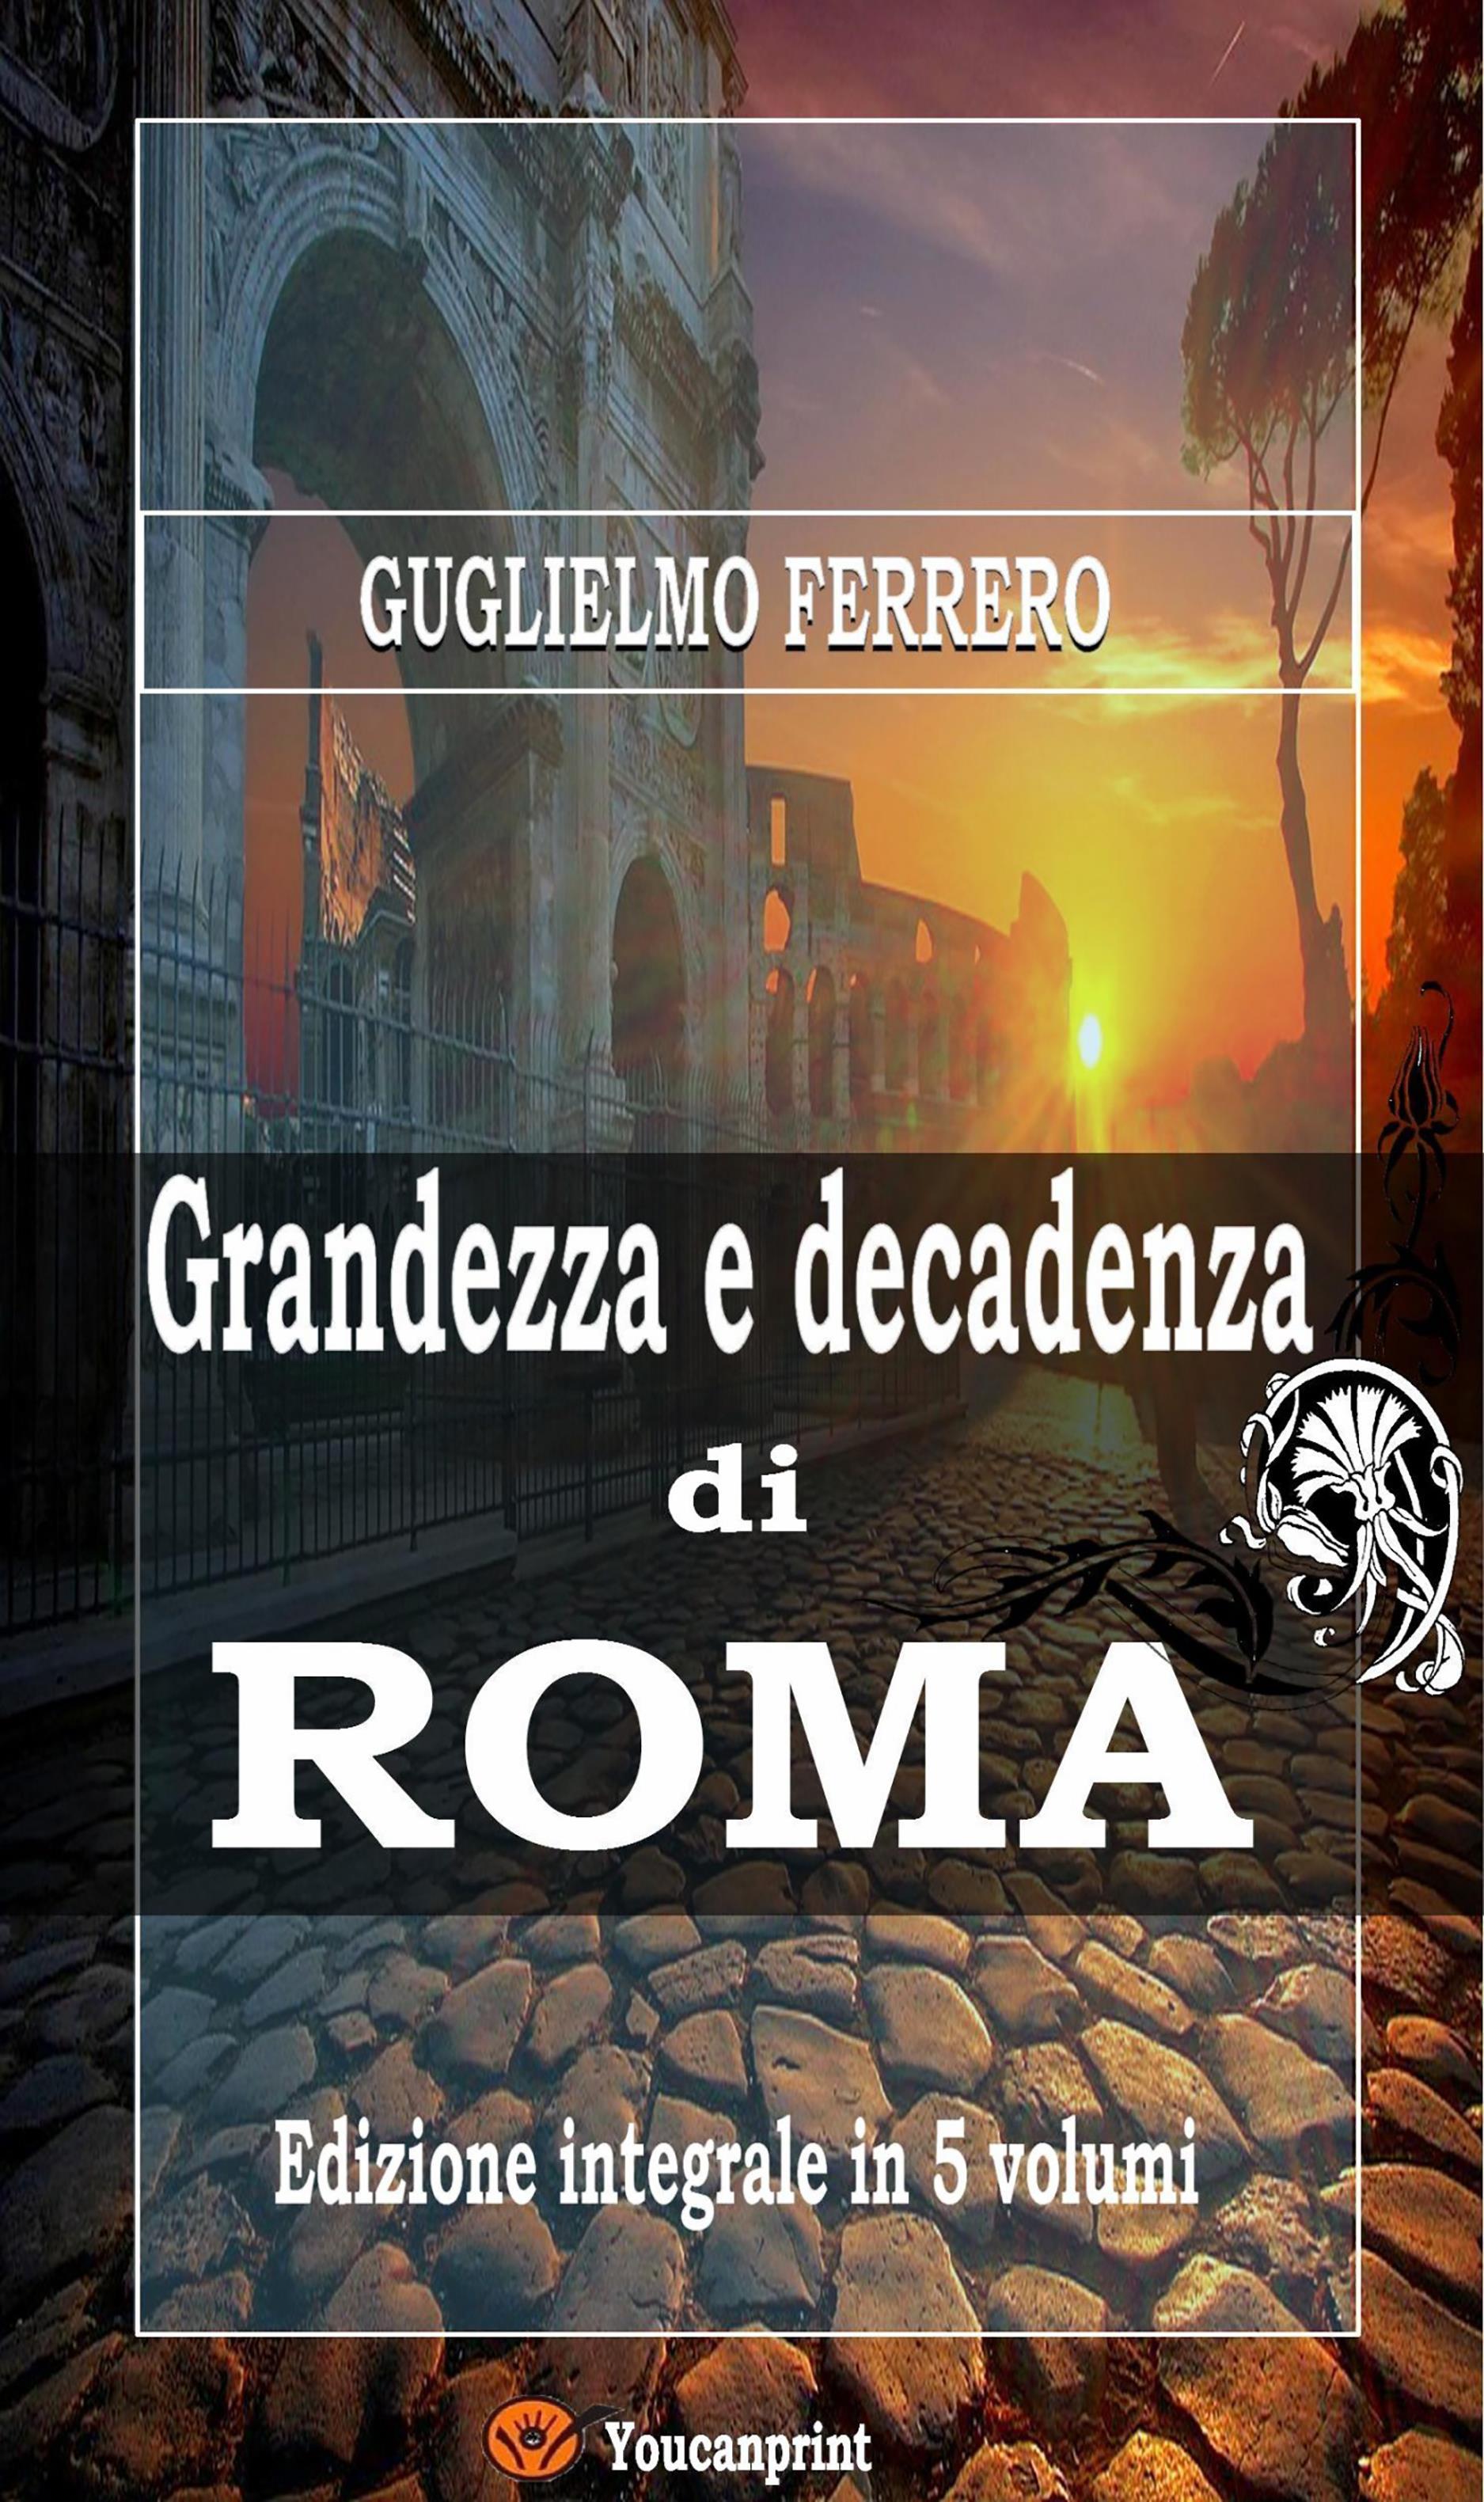 Grandezza e decadenza di Roma (Edizione integrale in 5 volumi)